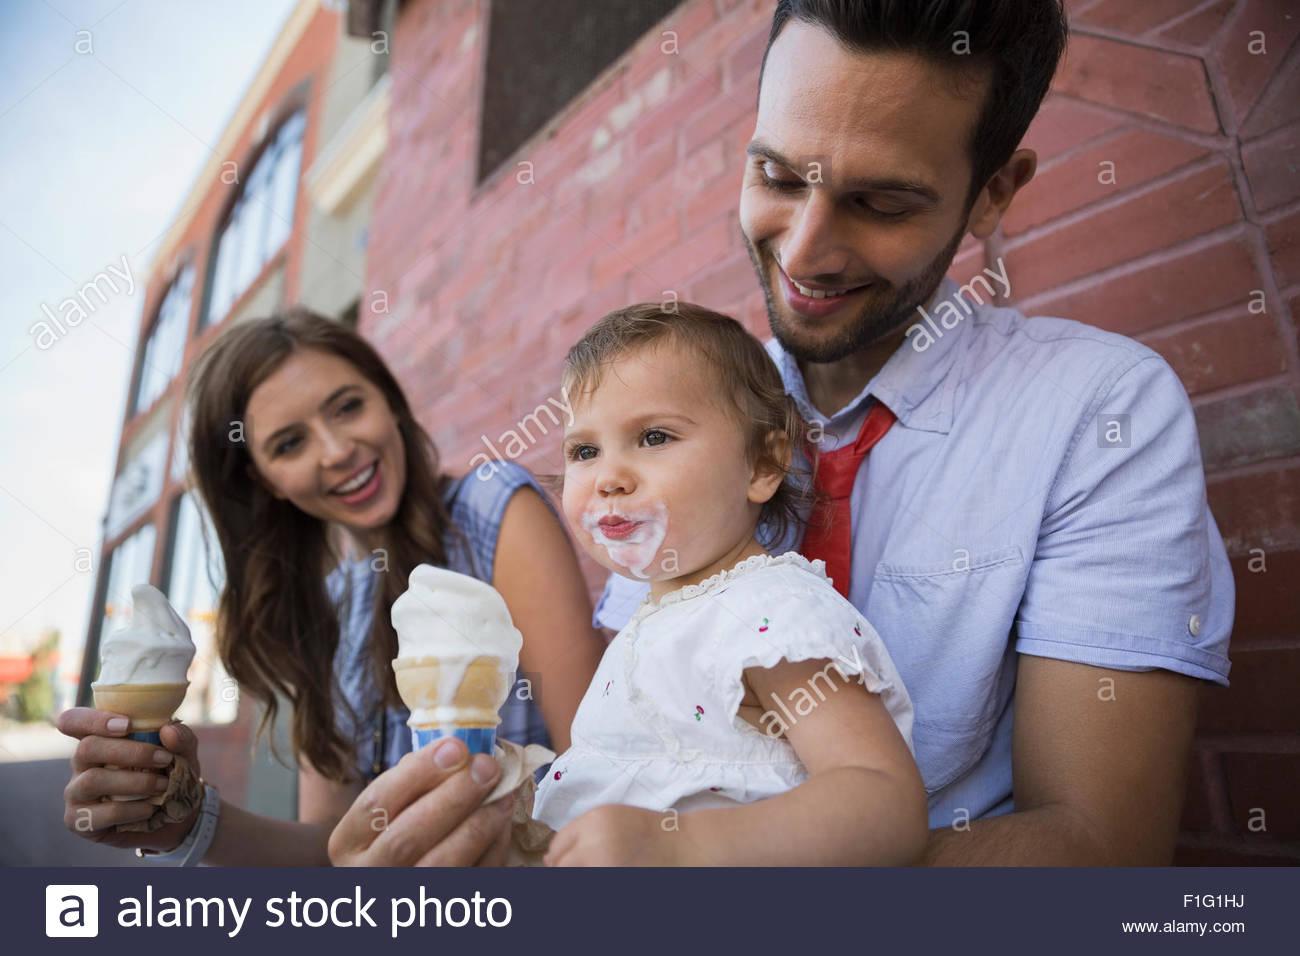 Vater Holding-Tochter mit chaotisch Eis Gesicht Stockbild